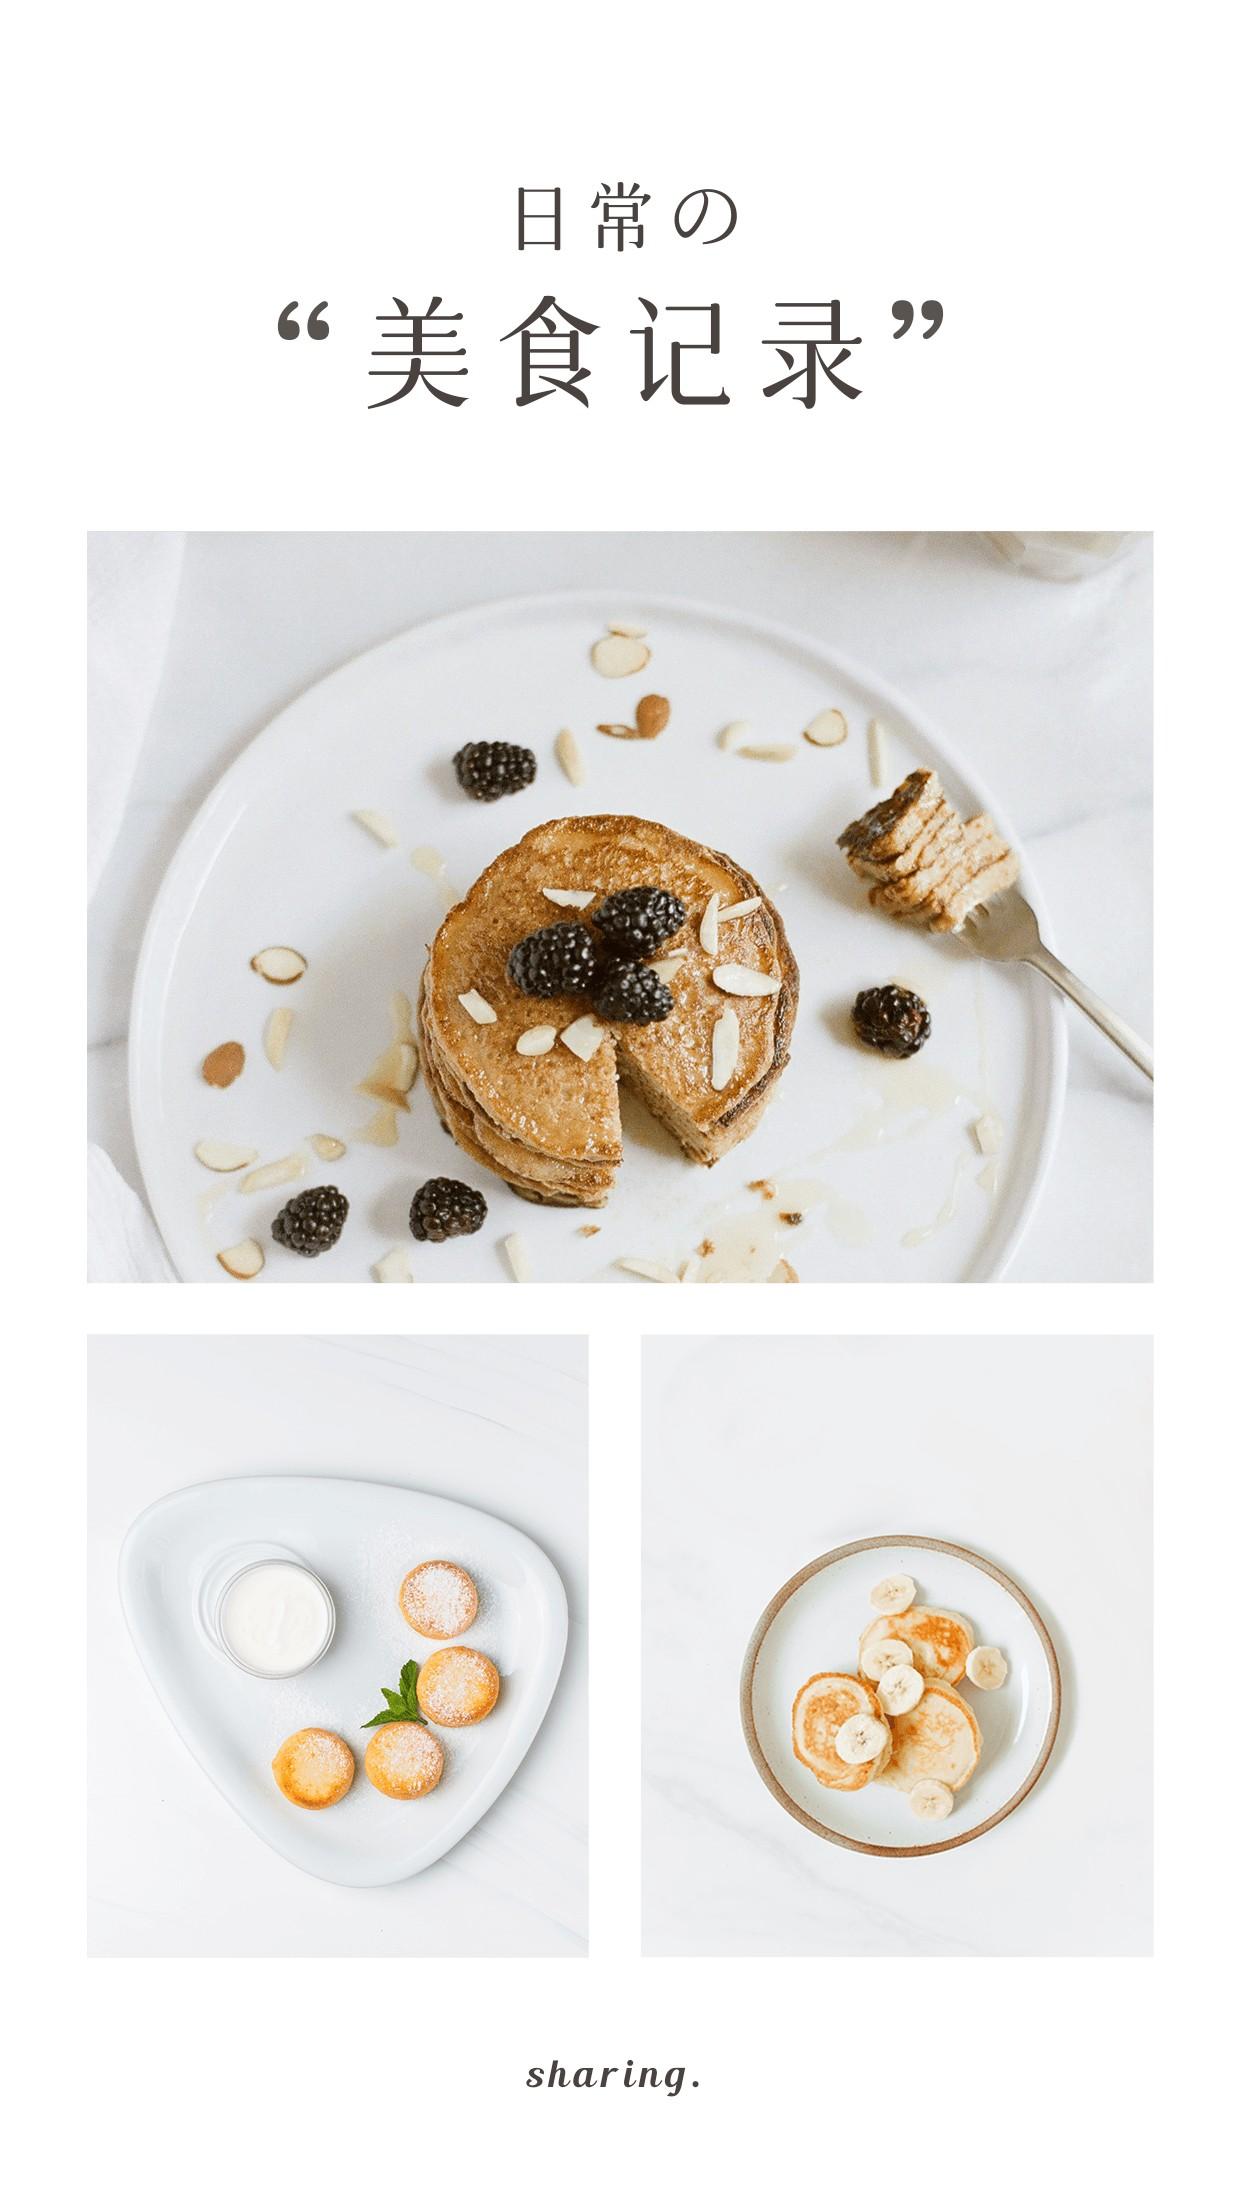 简约餐饮美食美食打卡拼图